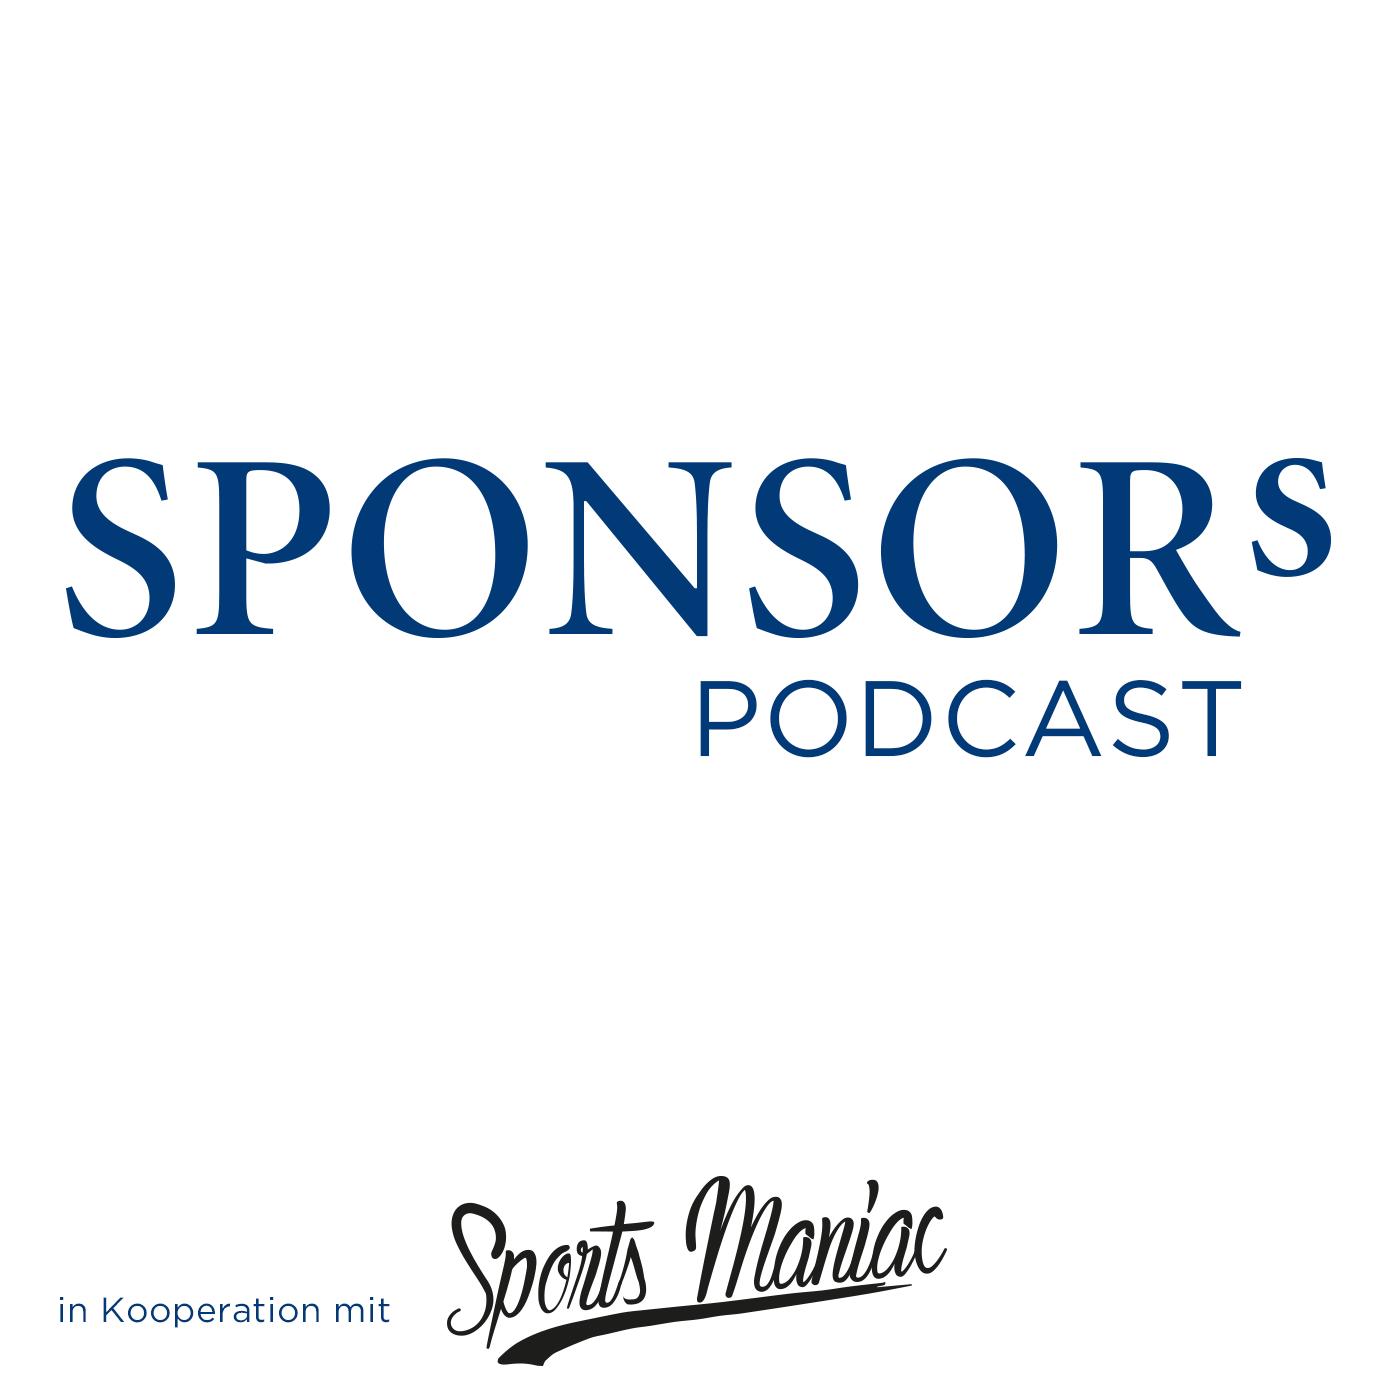 Der SPONSORs Podcast - im Dialog über das Milliardenbusiness Sport in Kooperation mit Sports Maniac